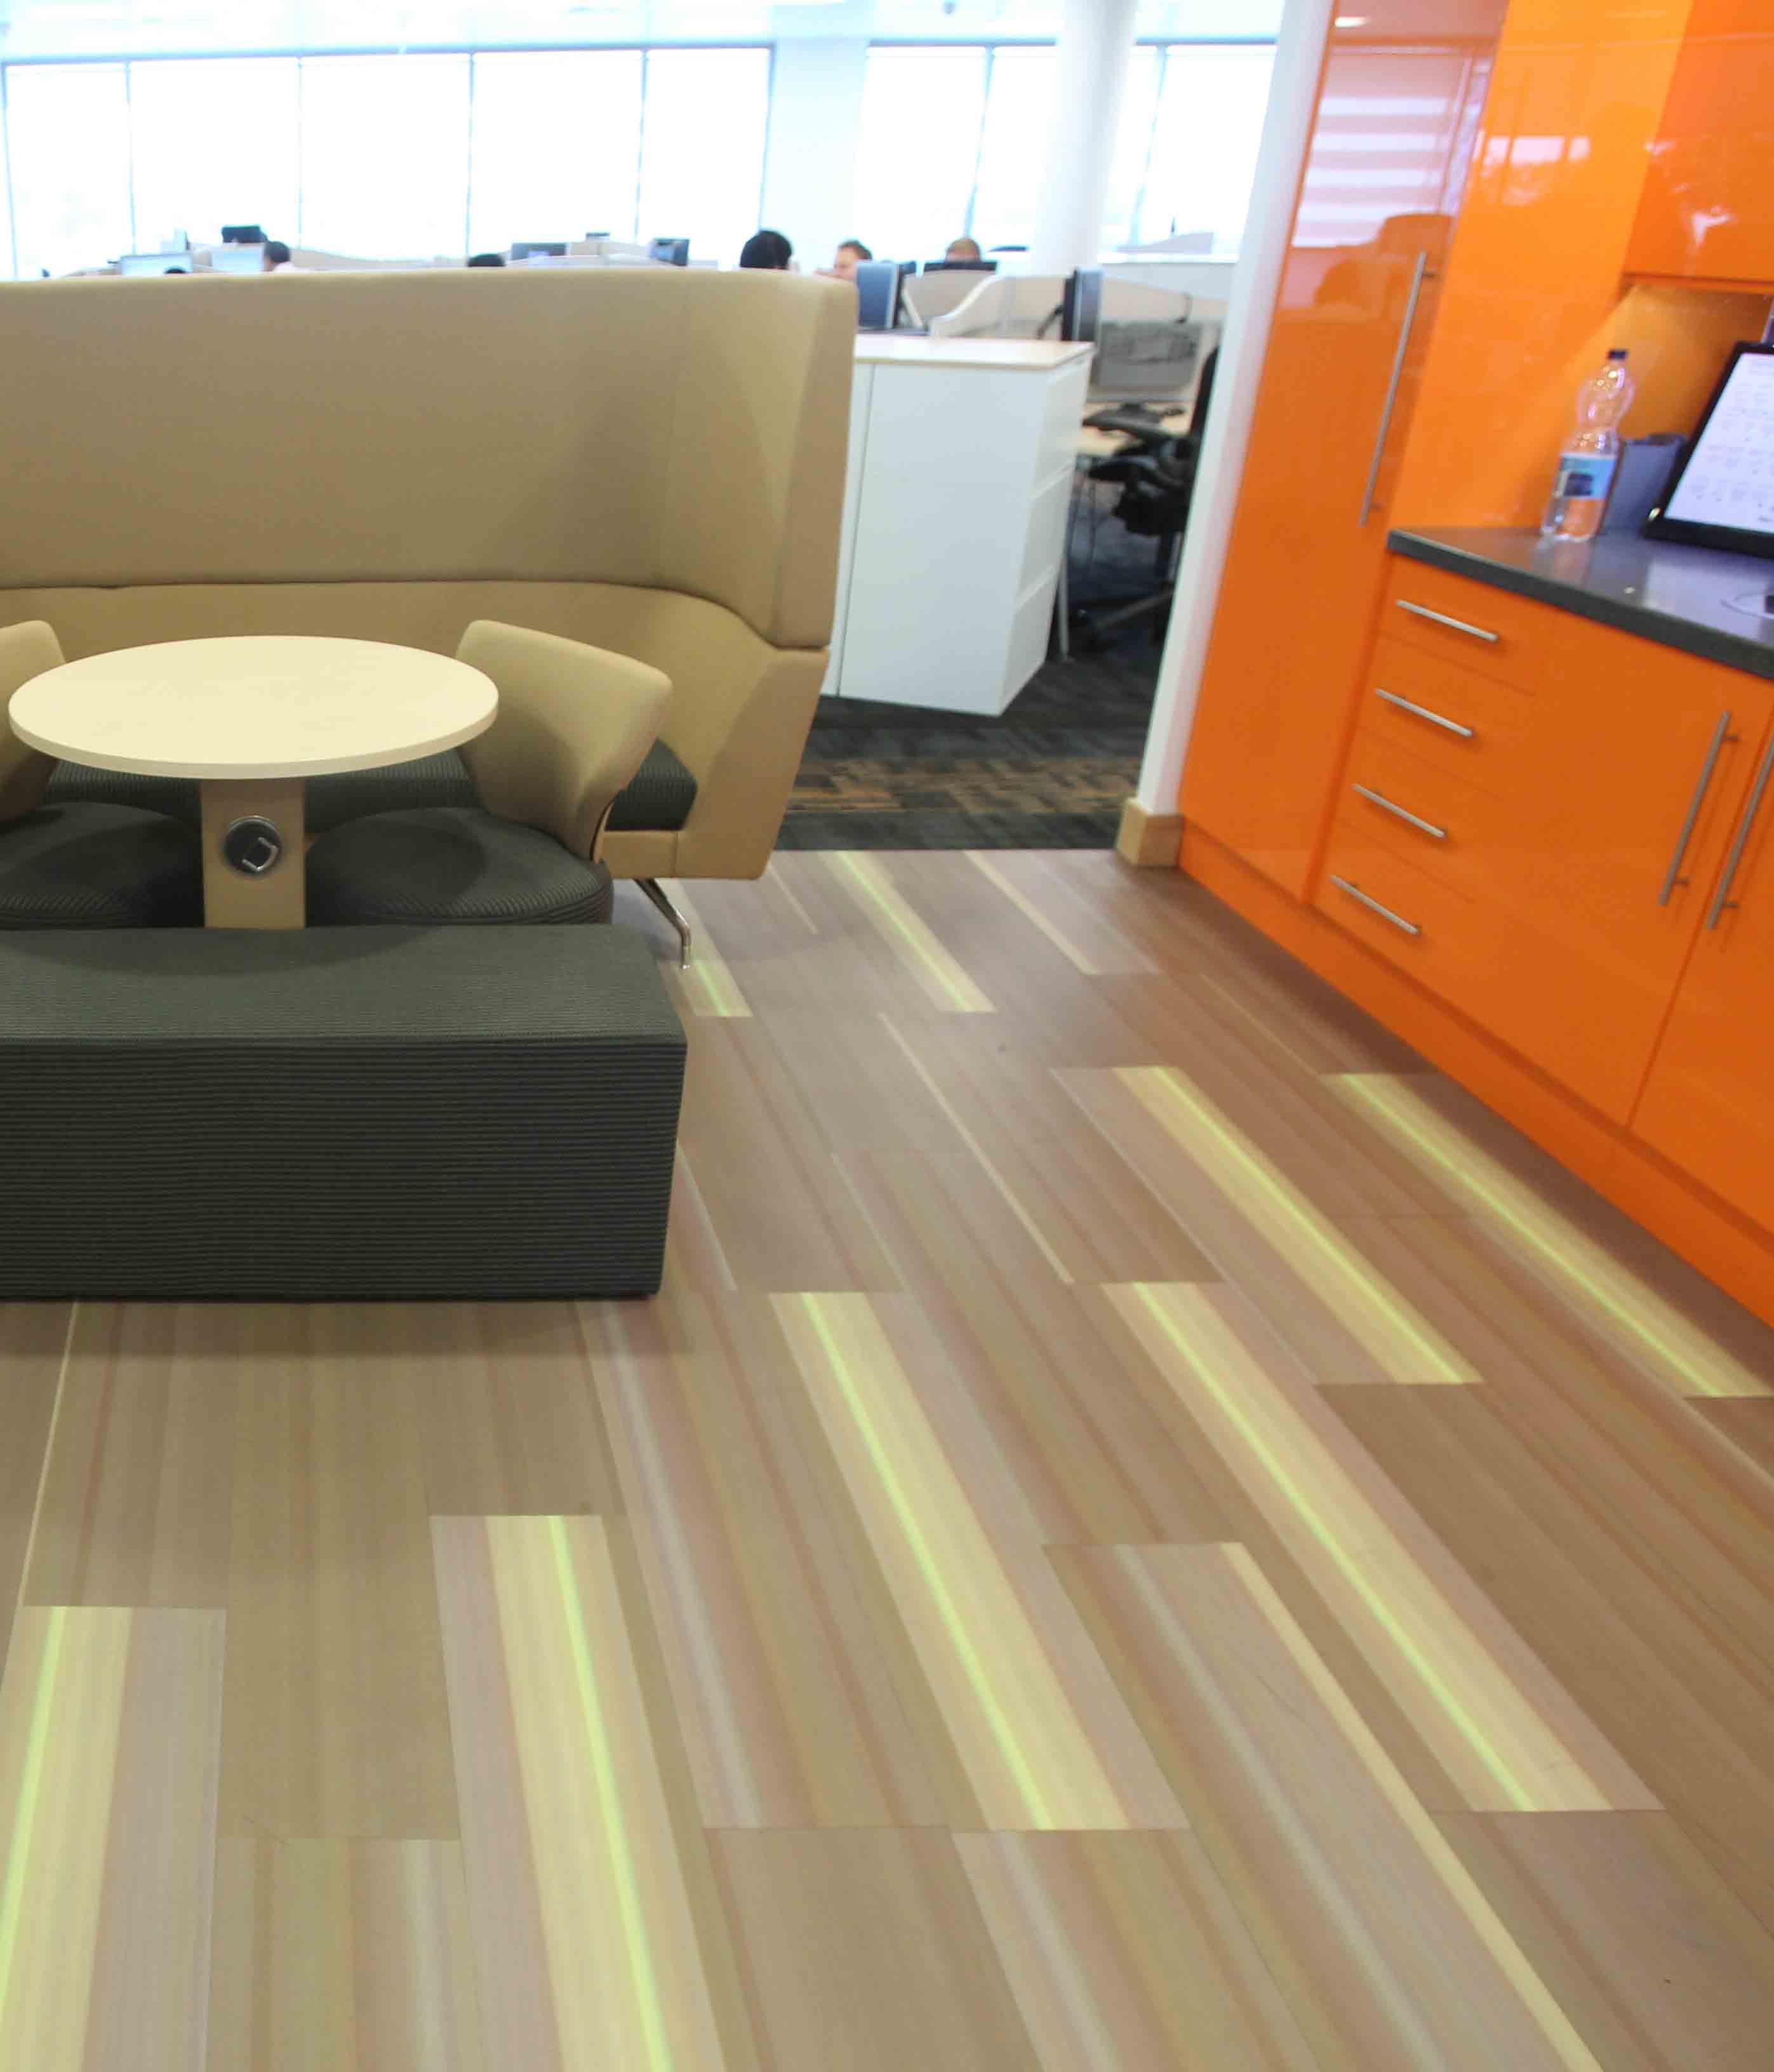 forbo flooring systems uk ltd case studies. Black Bedroom Furniture Sets. Home Design Ideas